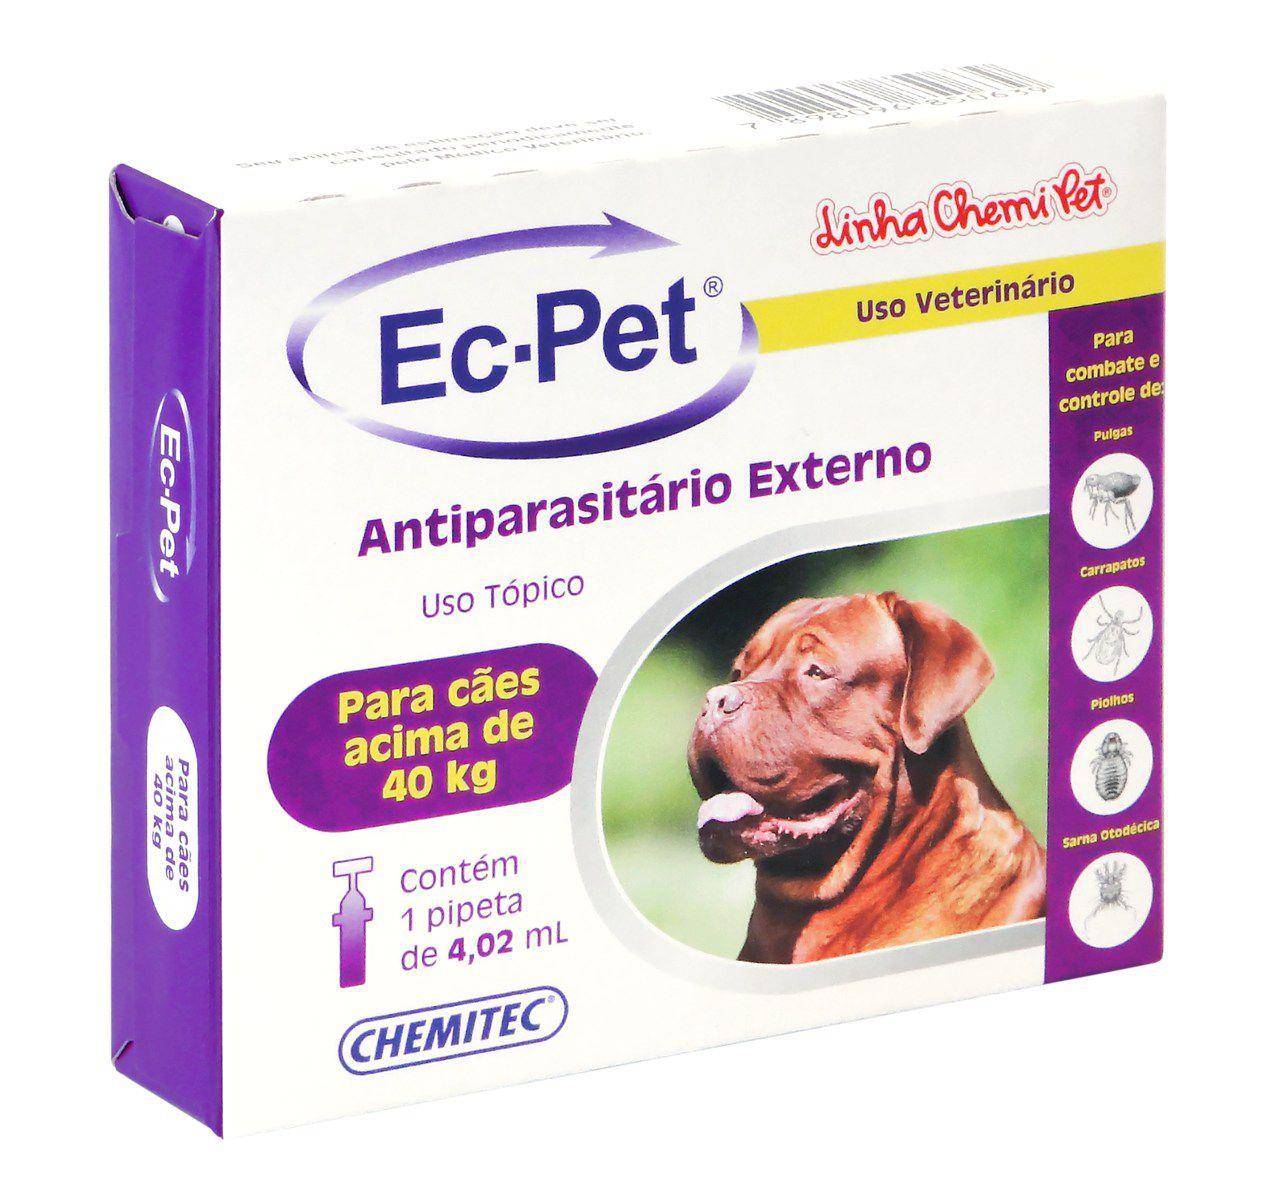 Ec-Pet 4,02 Ml Acima De 40Kg